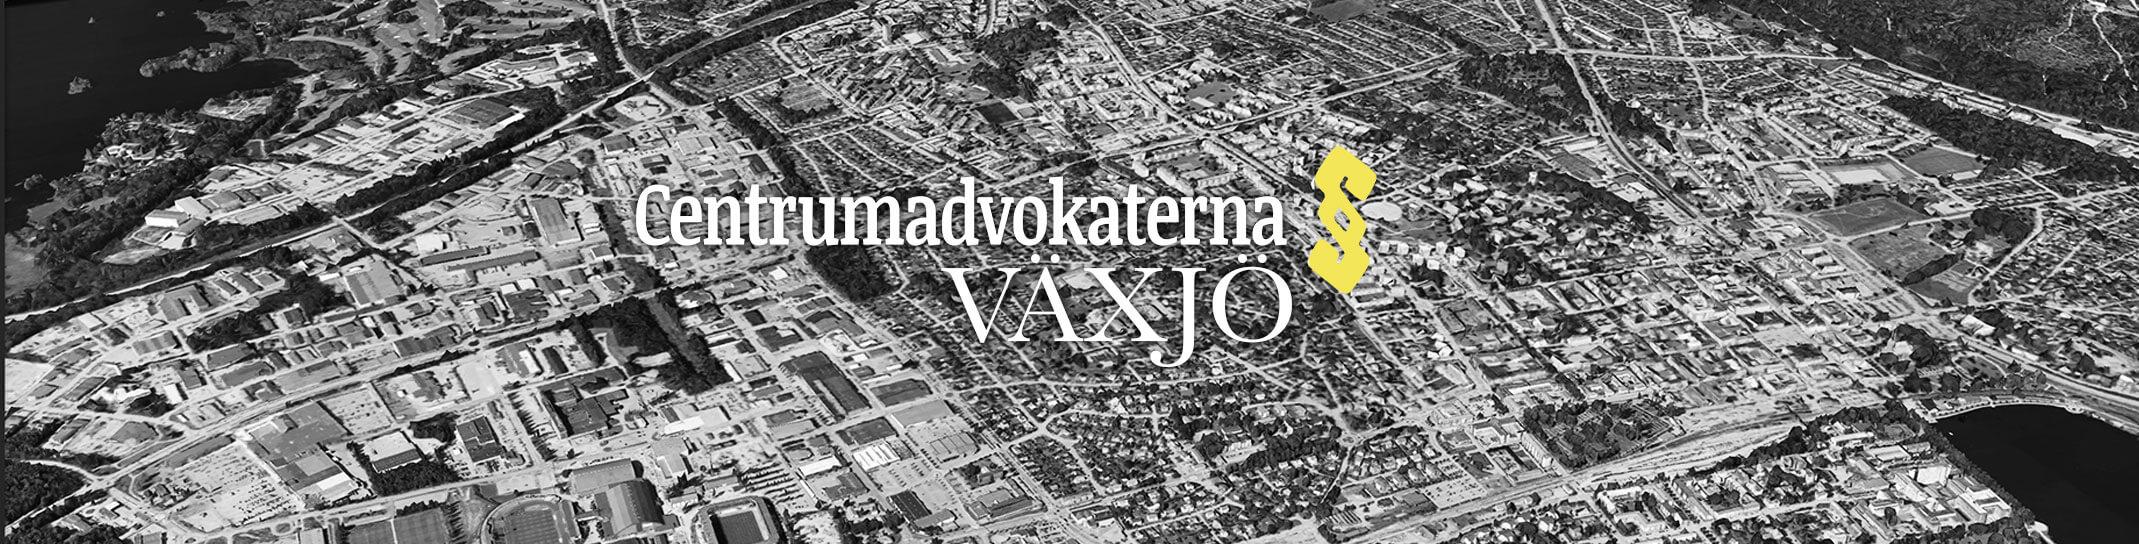 Centrumadvokaterna-kontor-vaxjo